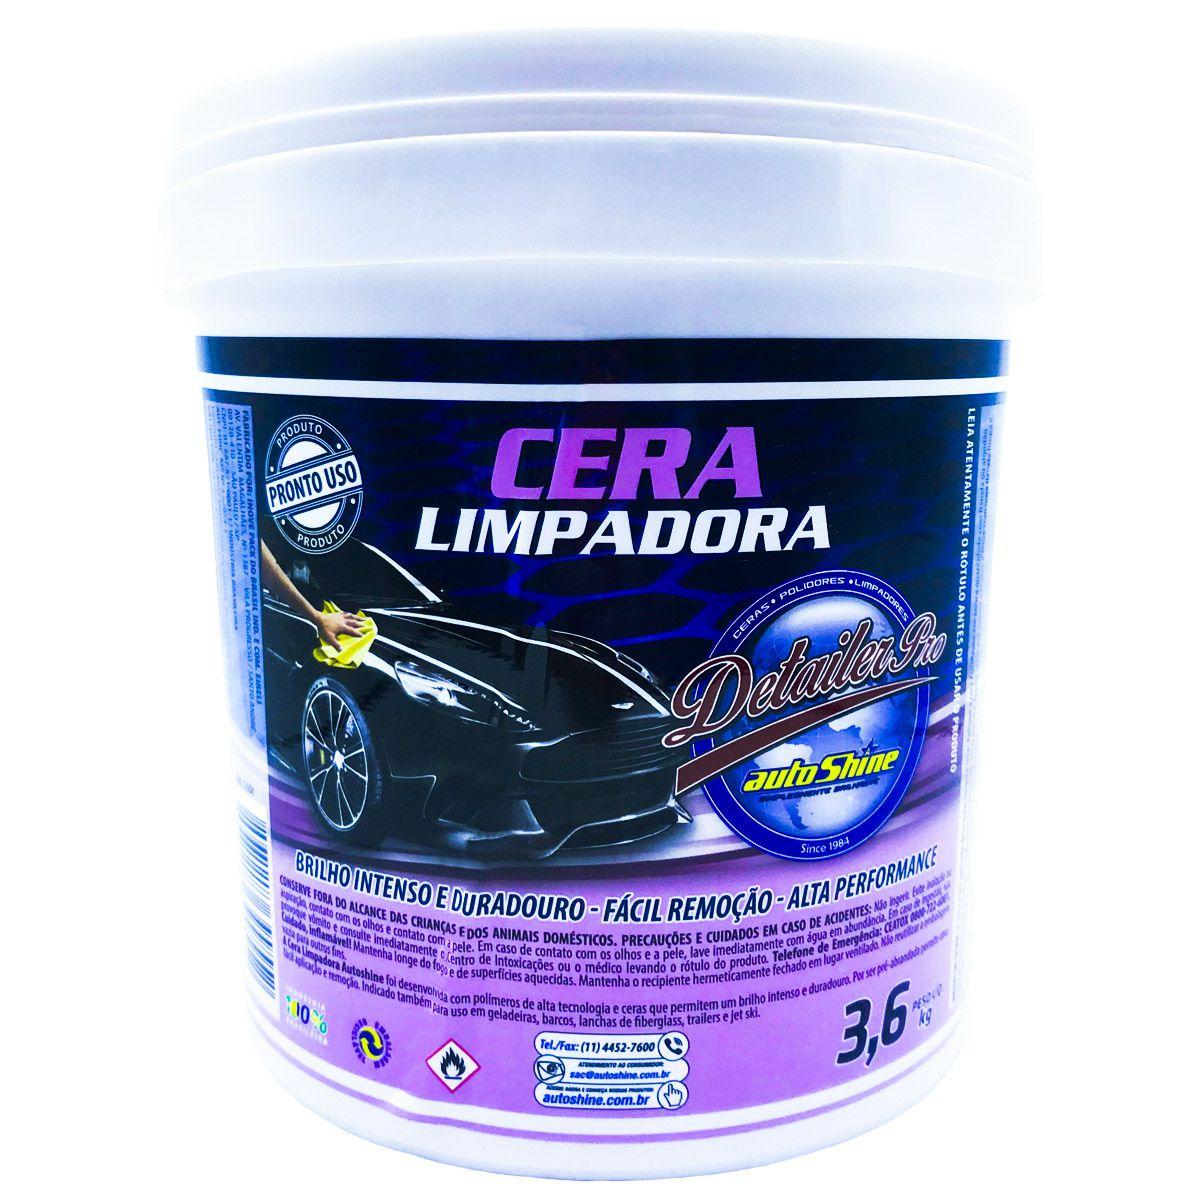 Cera Limpadora 3,6Kg Autoshine